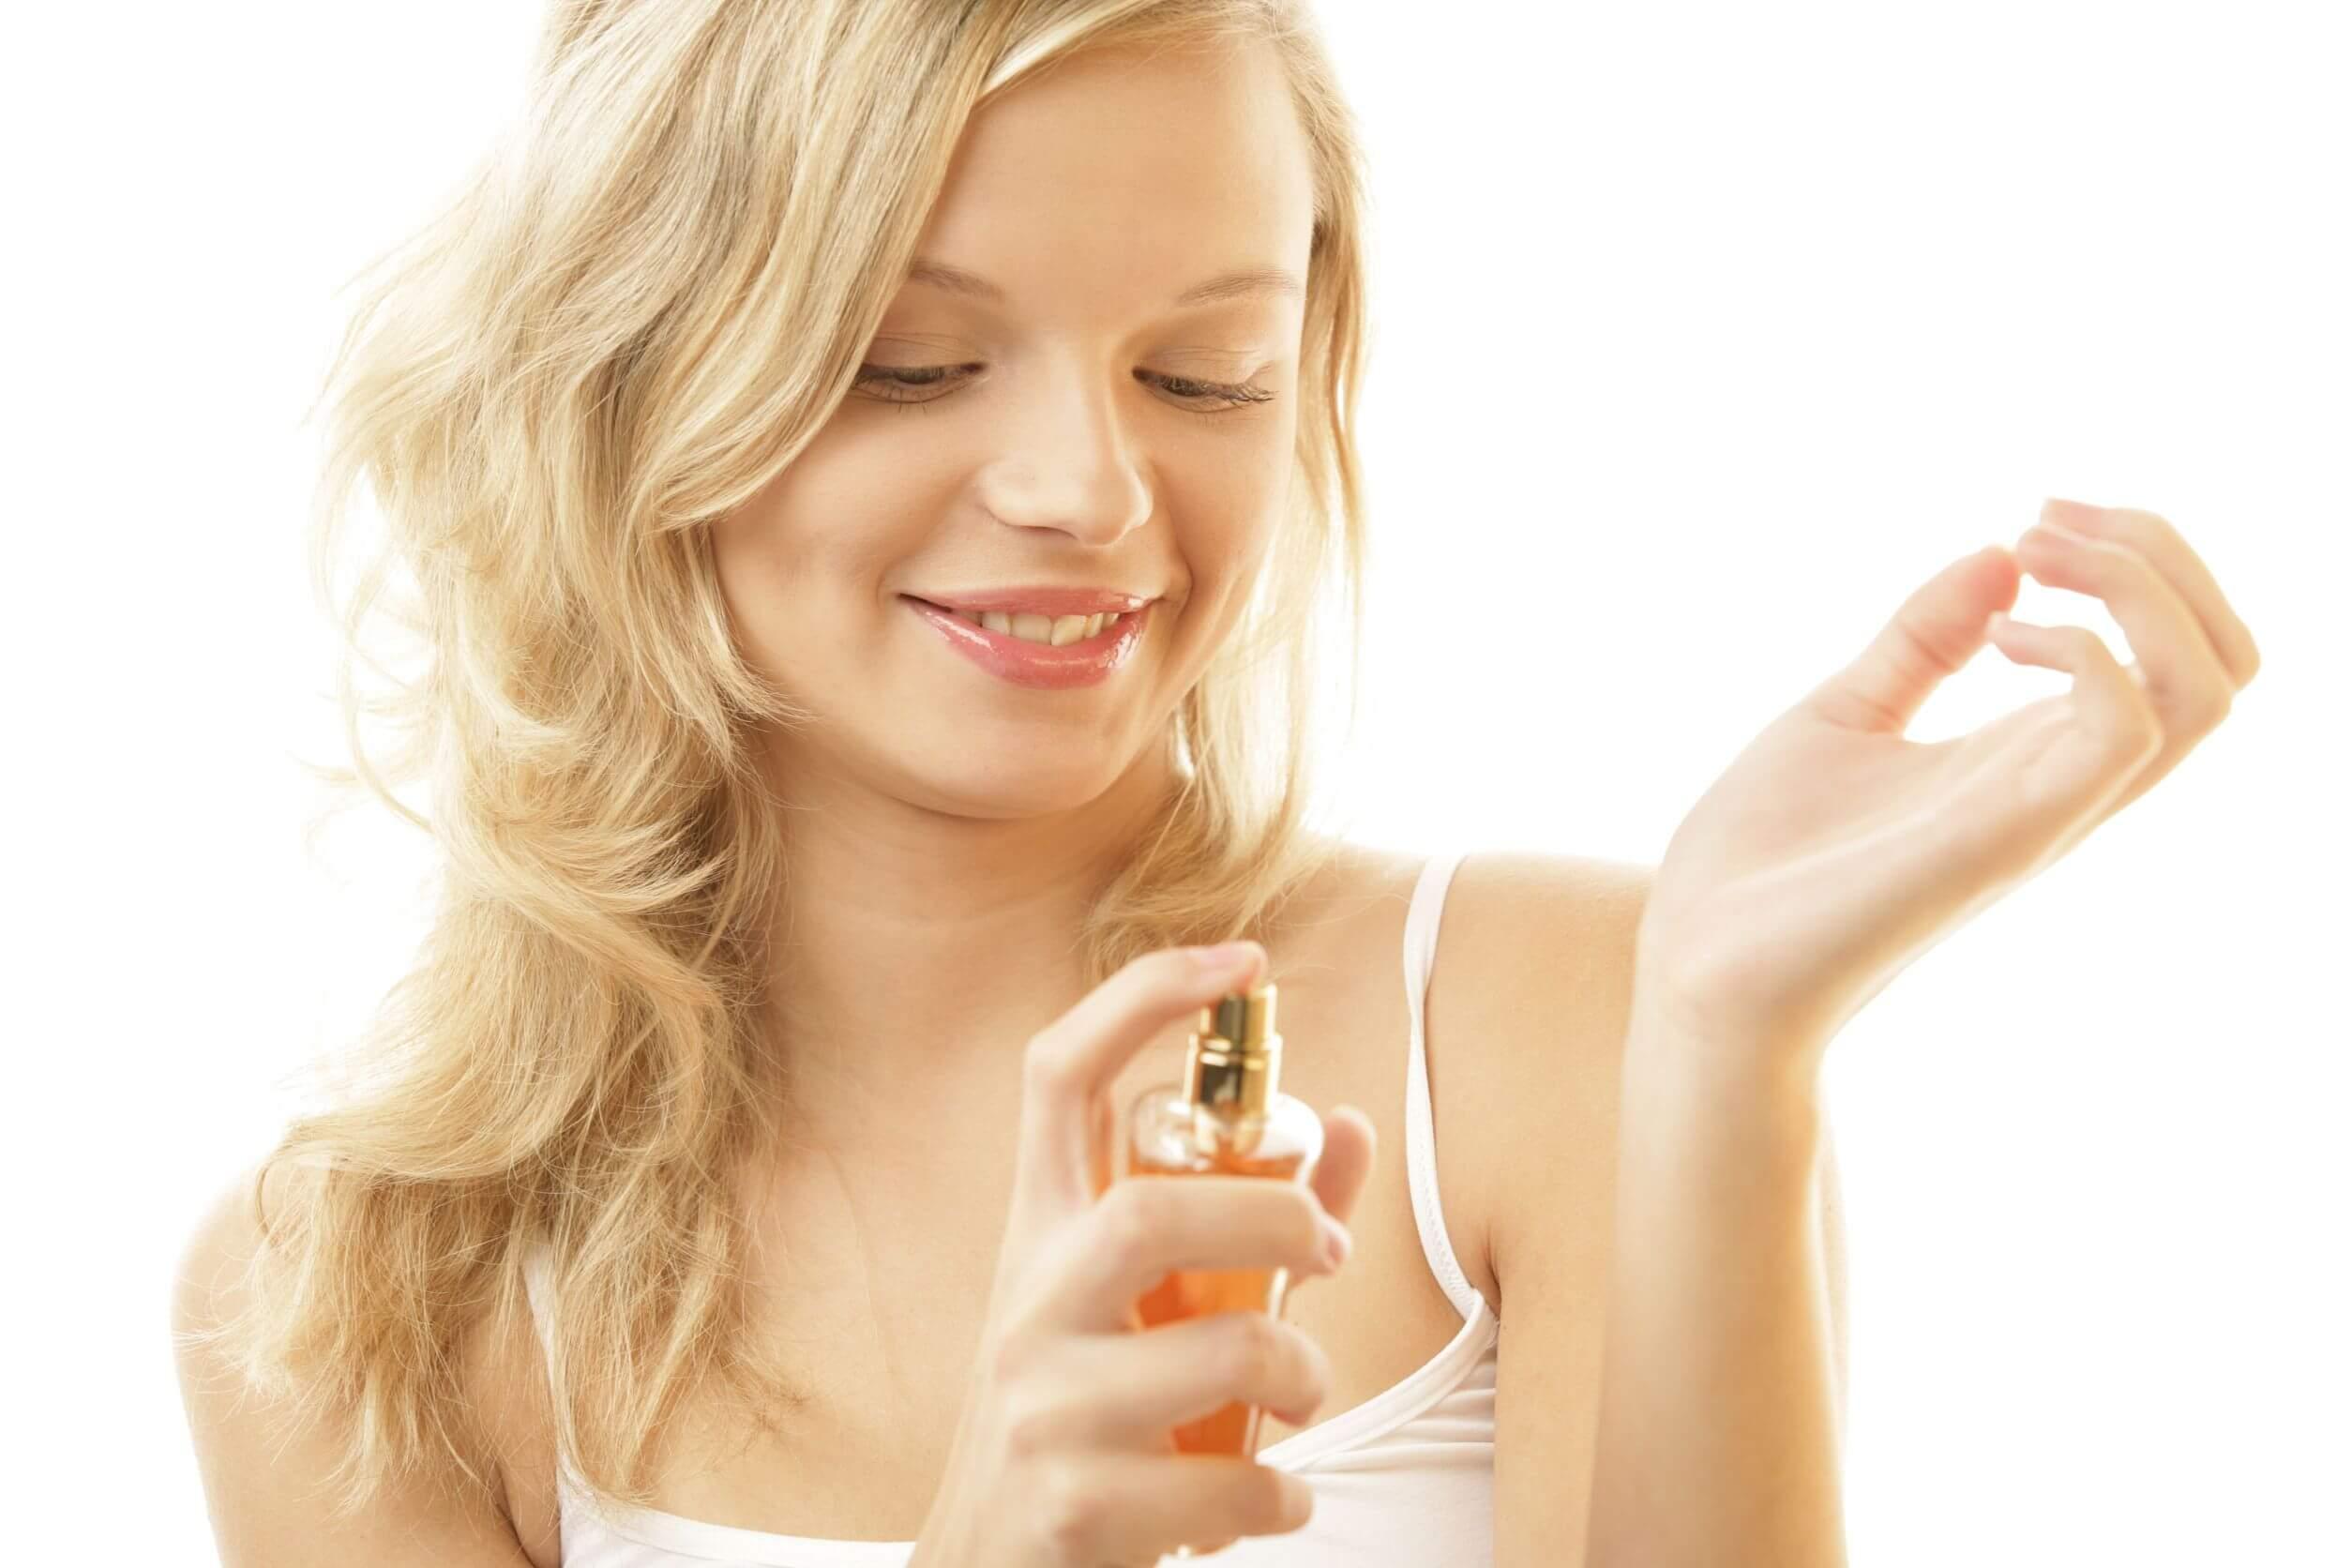 vaselina-para-aumentar-la-duración-del-perfume